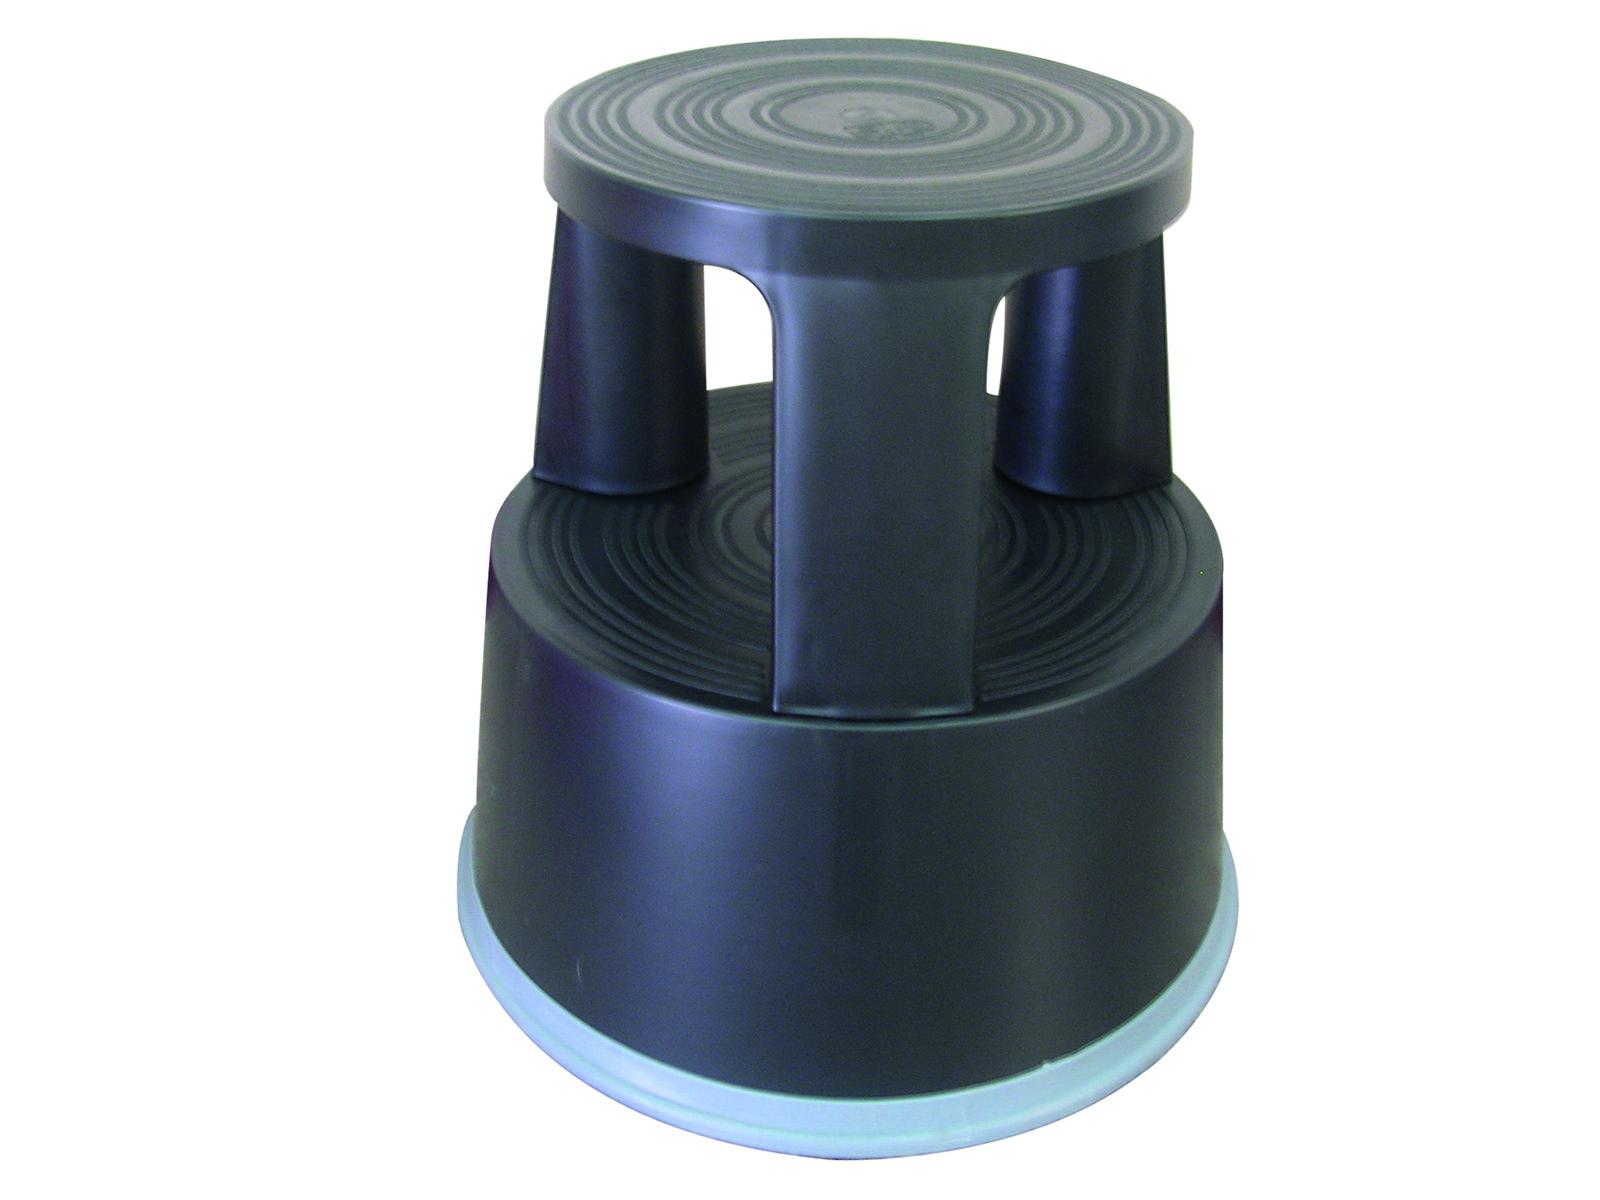 Taboret Plastikowy Pod Prysznic : Taboret biurowy mobilny plastikowy czarny typu q